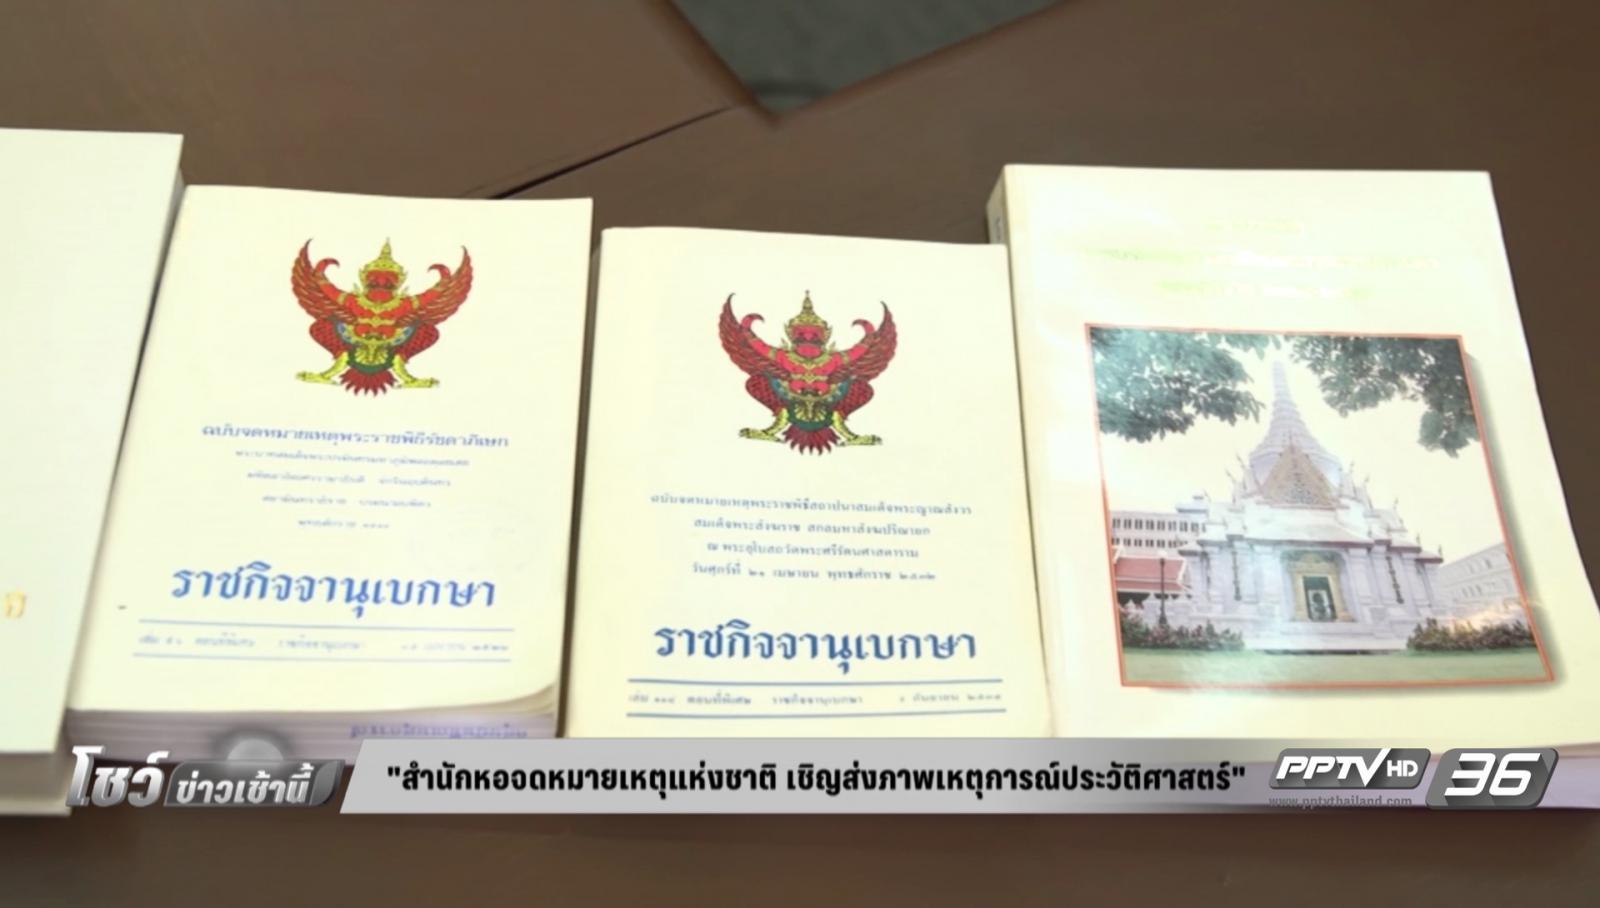 สำนักหอจดหมายเหตุแห่งชาติ เชิญชวนส่งภาพเข้าร่วมบันทึกเหตุการณ์ประวัติศาสตร์